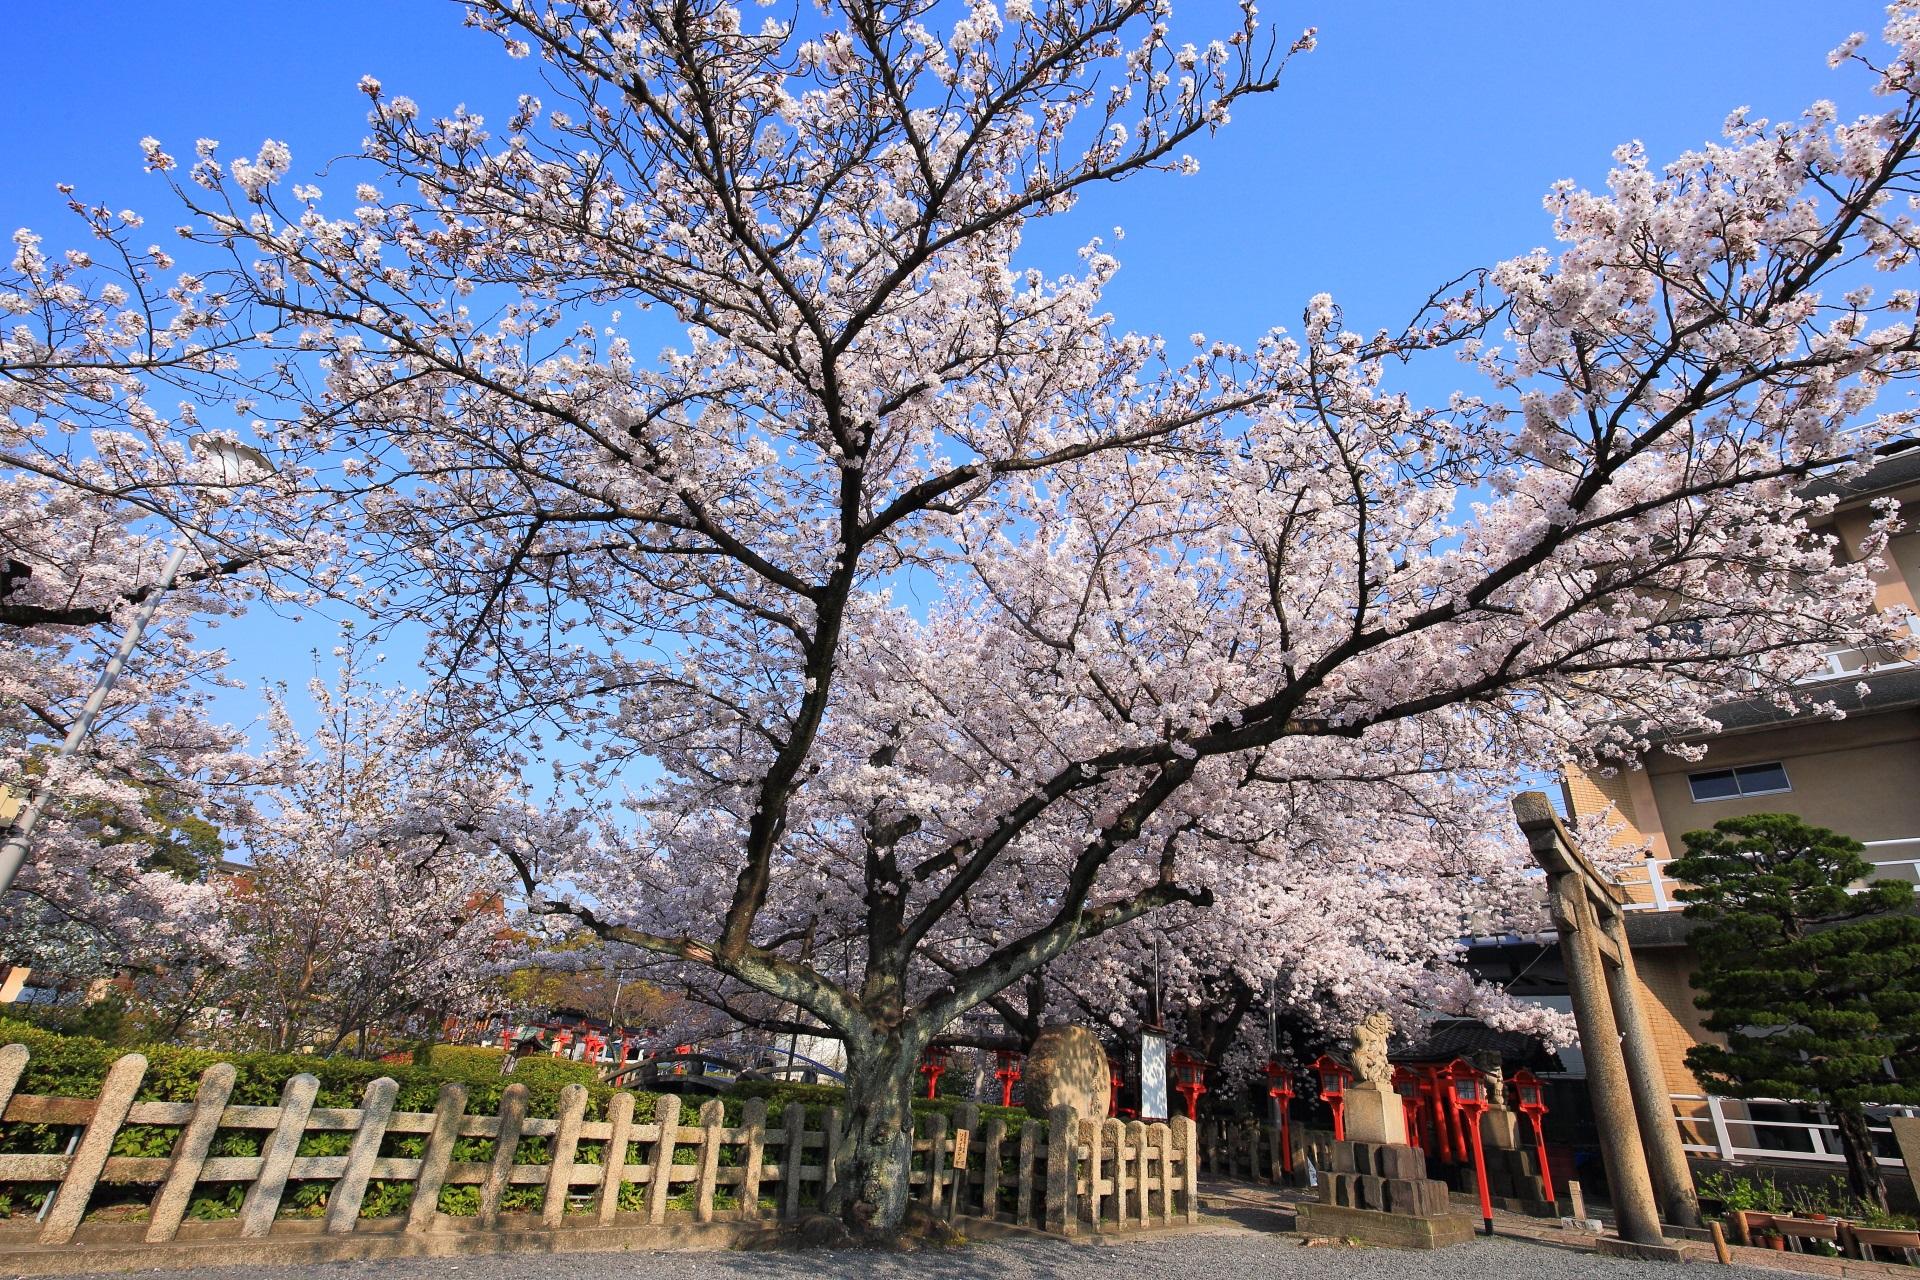 六孫王神社の大きく枝を広げる桜